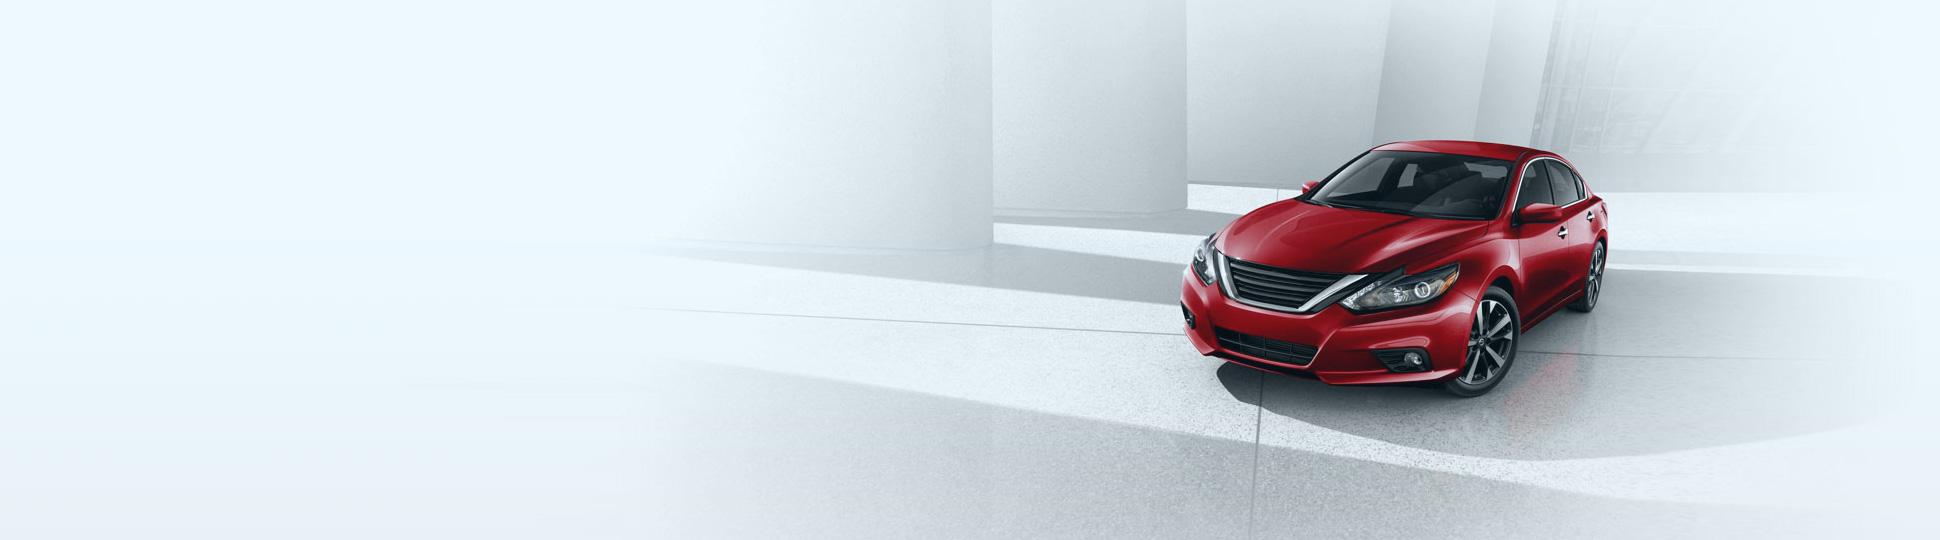 2012 Mazda MAZDA3 4dr Sdn Man GT - WINNIPEG $13,400   autoTRADER.ca